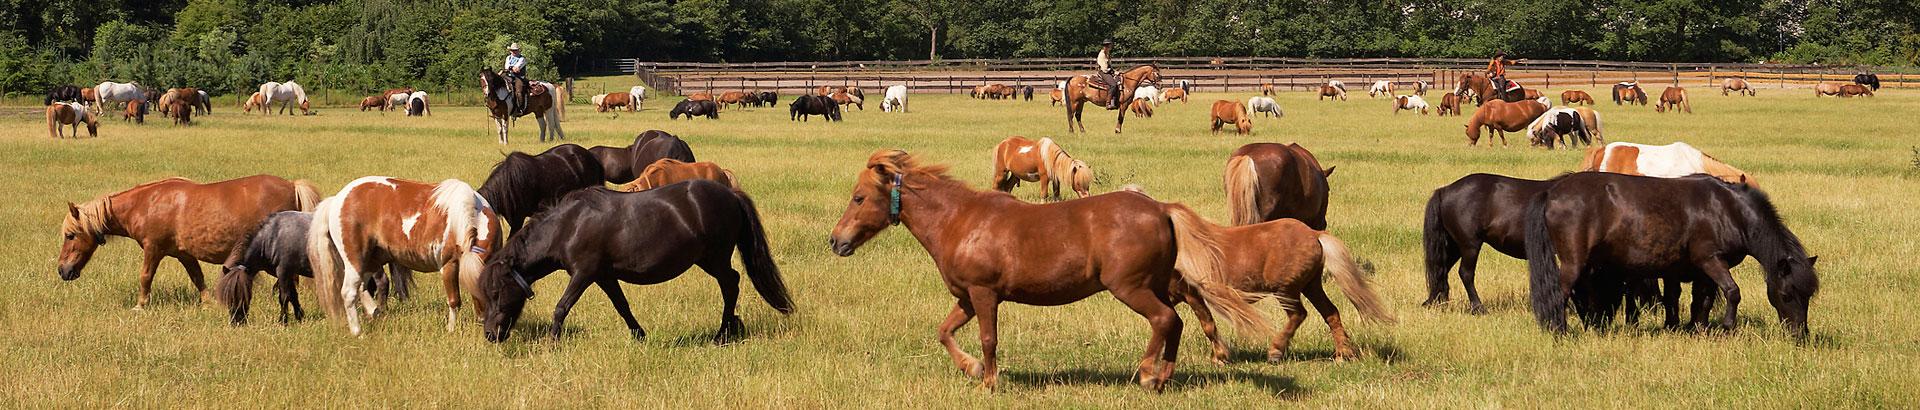 Ponysgoed